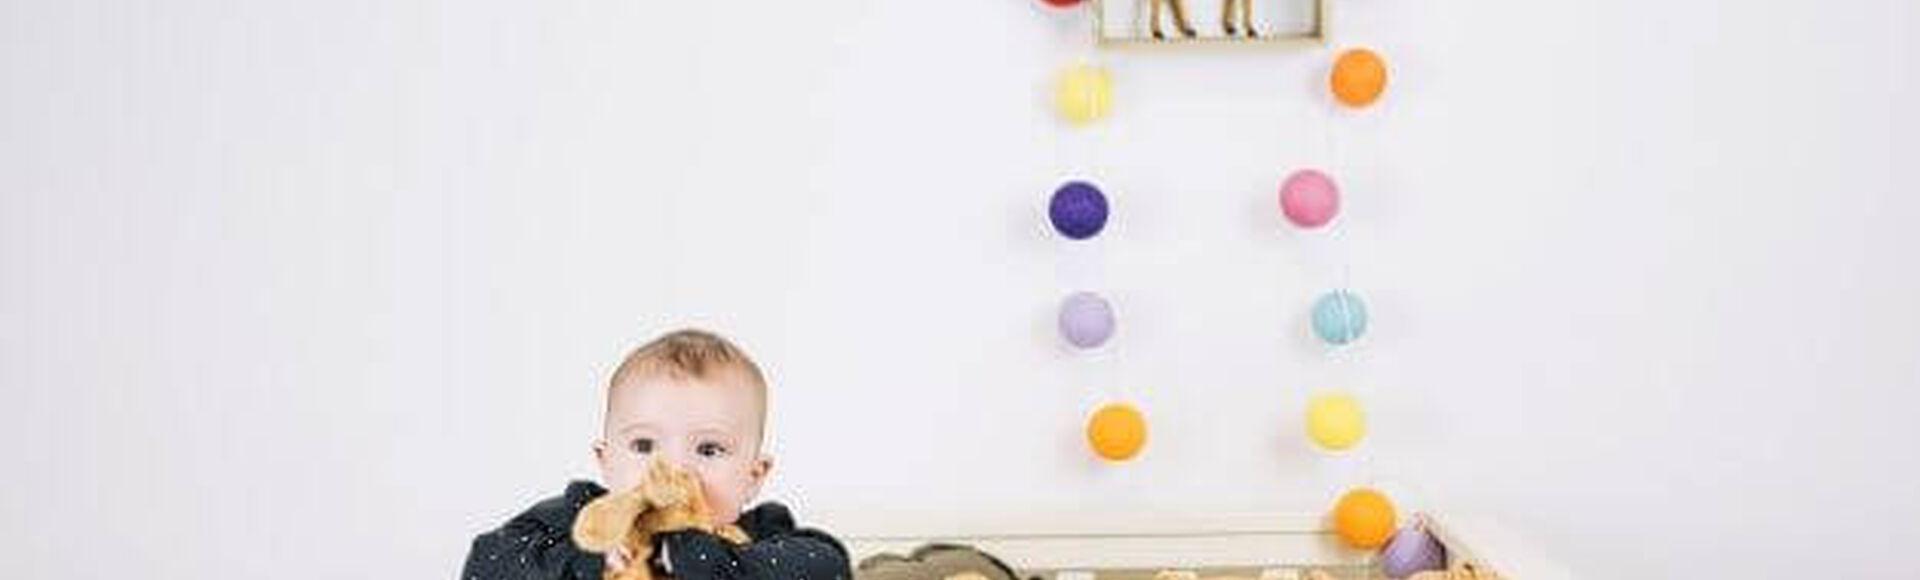 Cosas indispensables para habitación del bebé